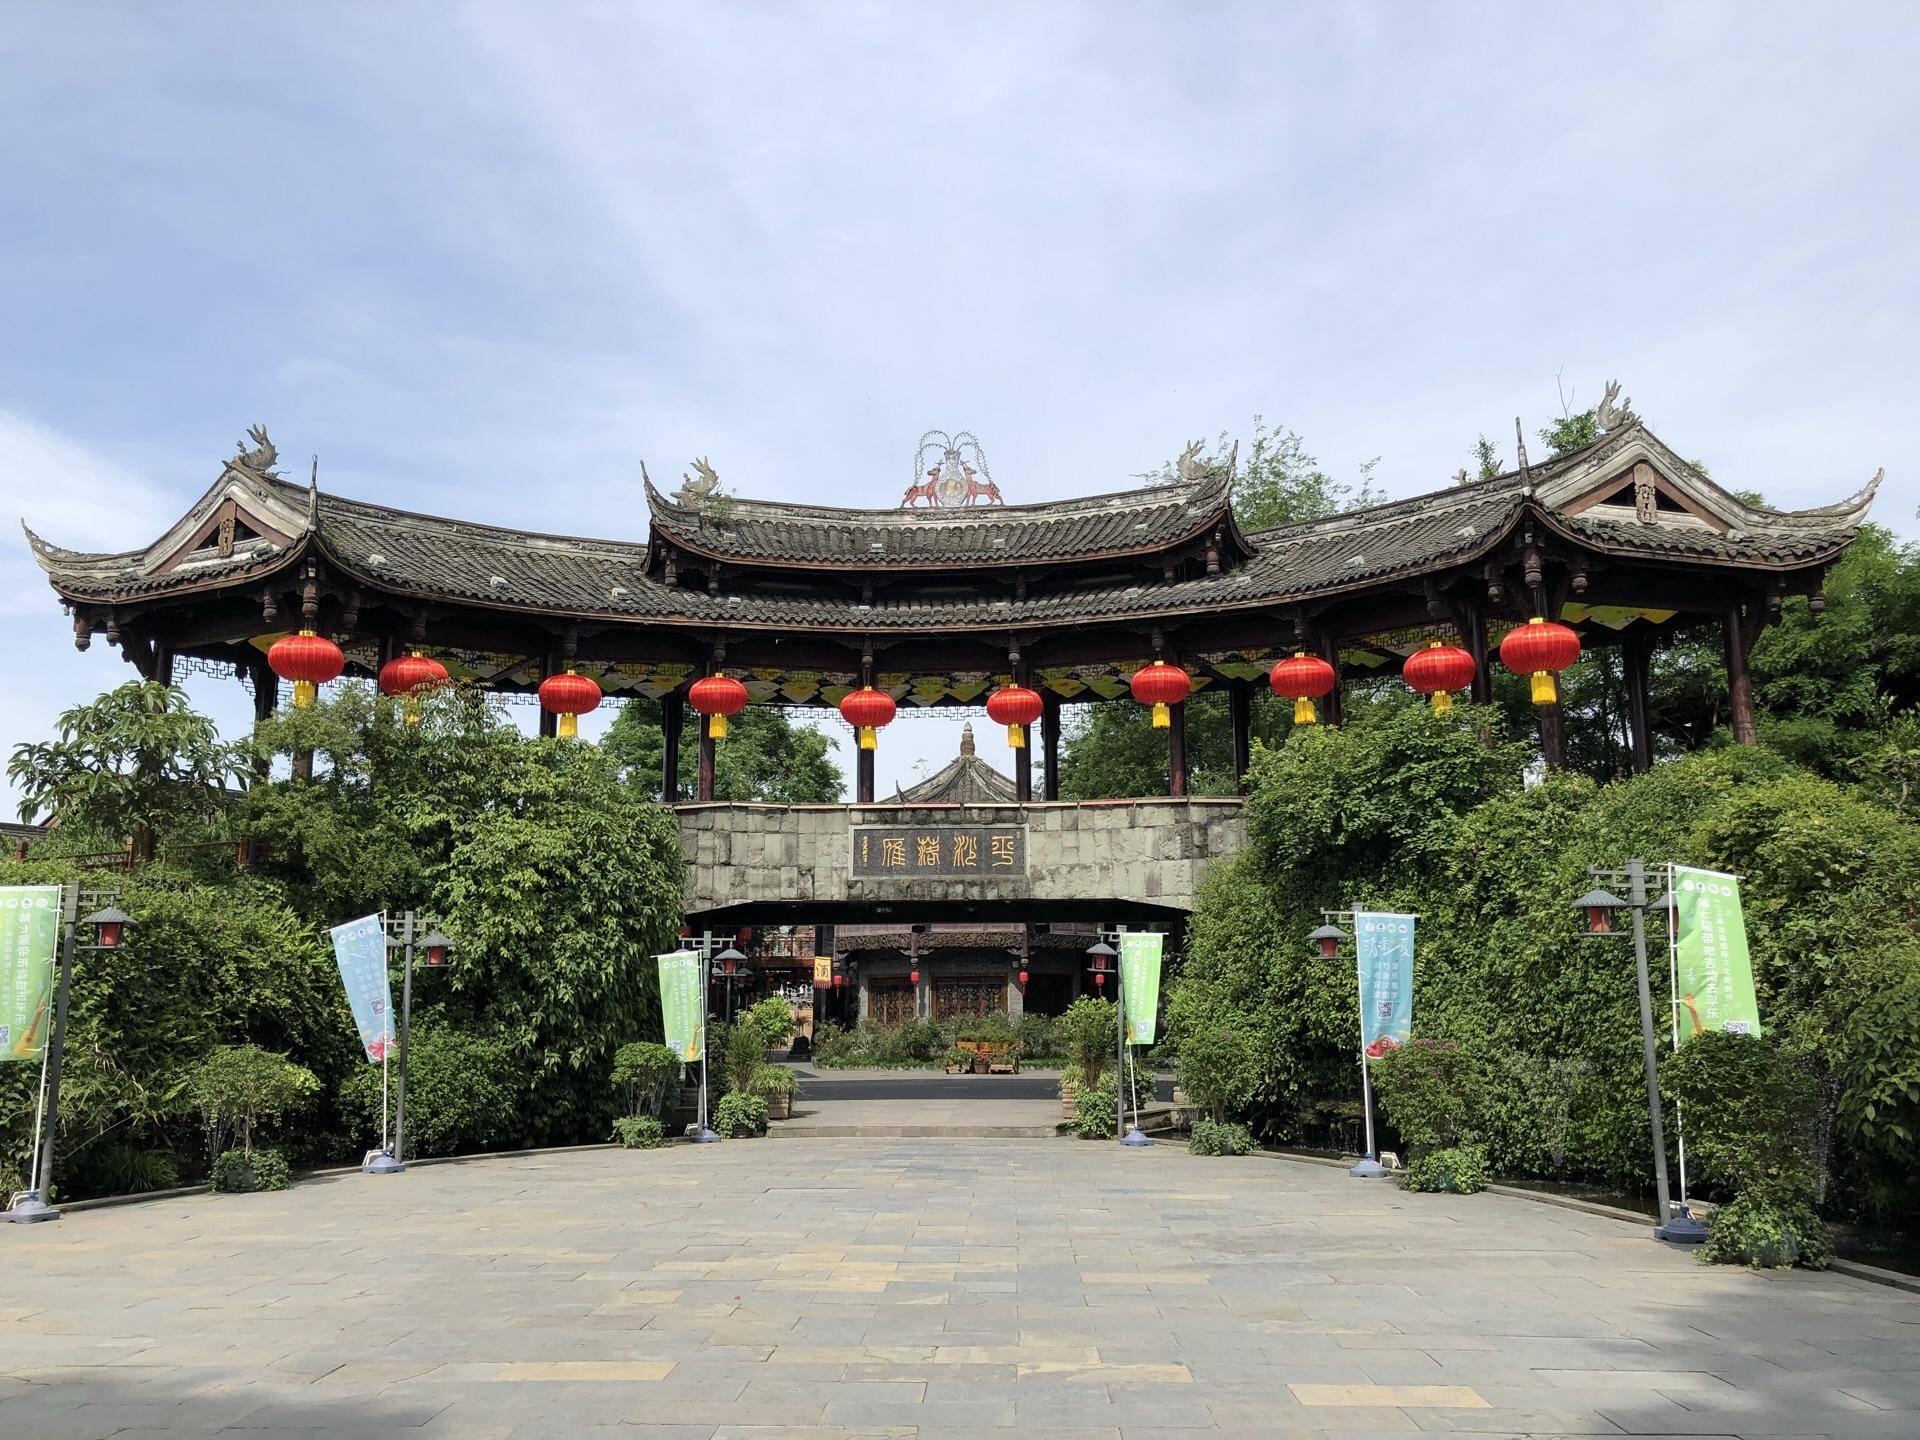 四川一座有望升为5A的文化名镇,迄今已有二千多年历史